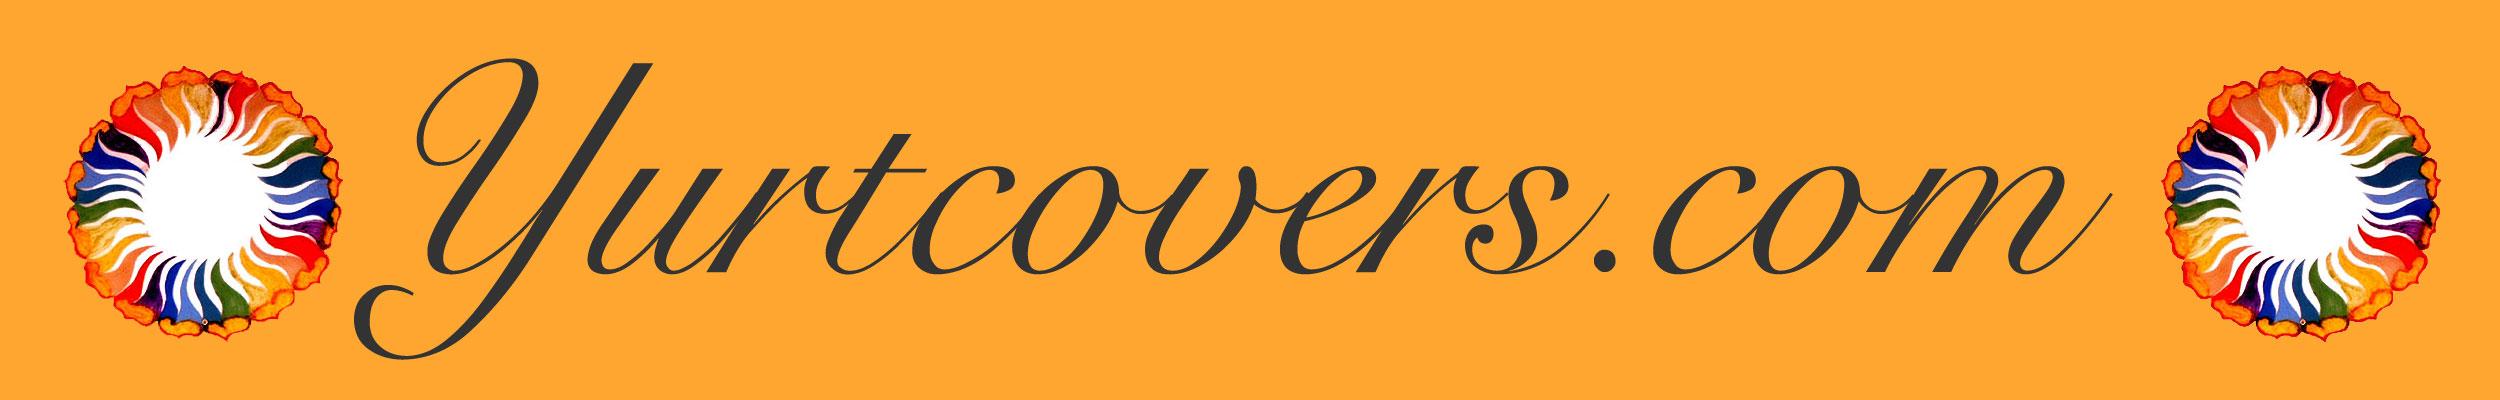 Yurtcovers.com